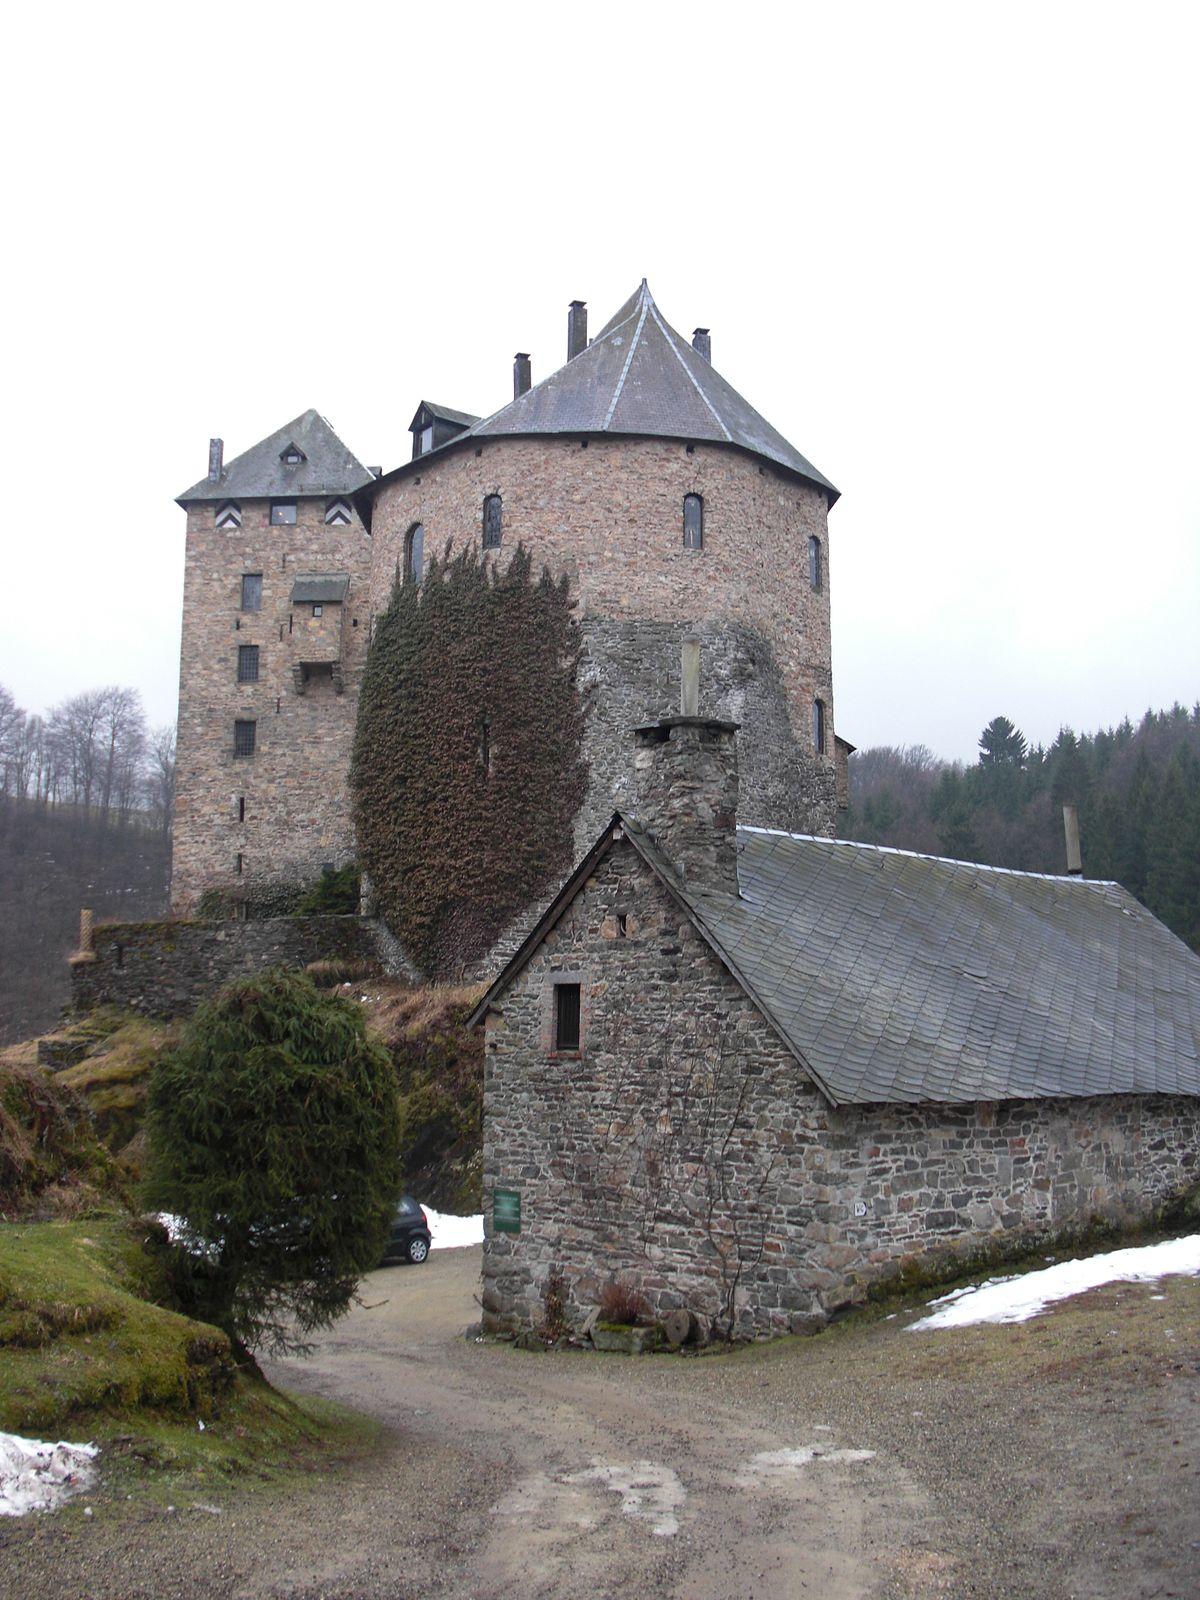 Reinhardstein Castle - Wikipedia